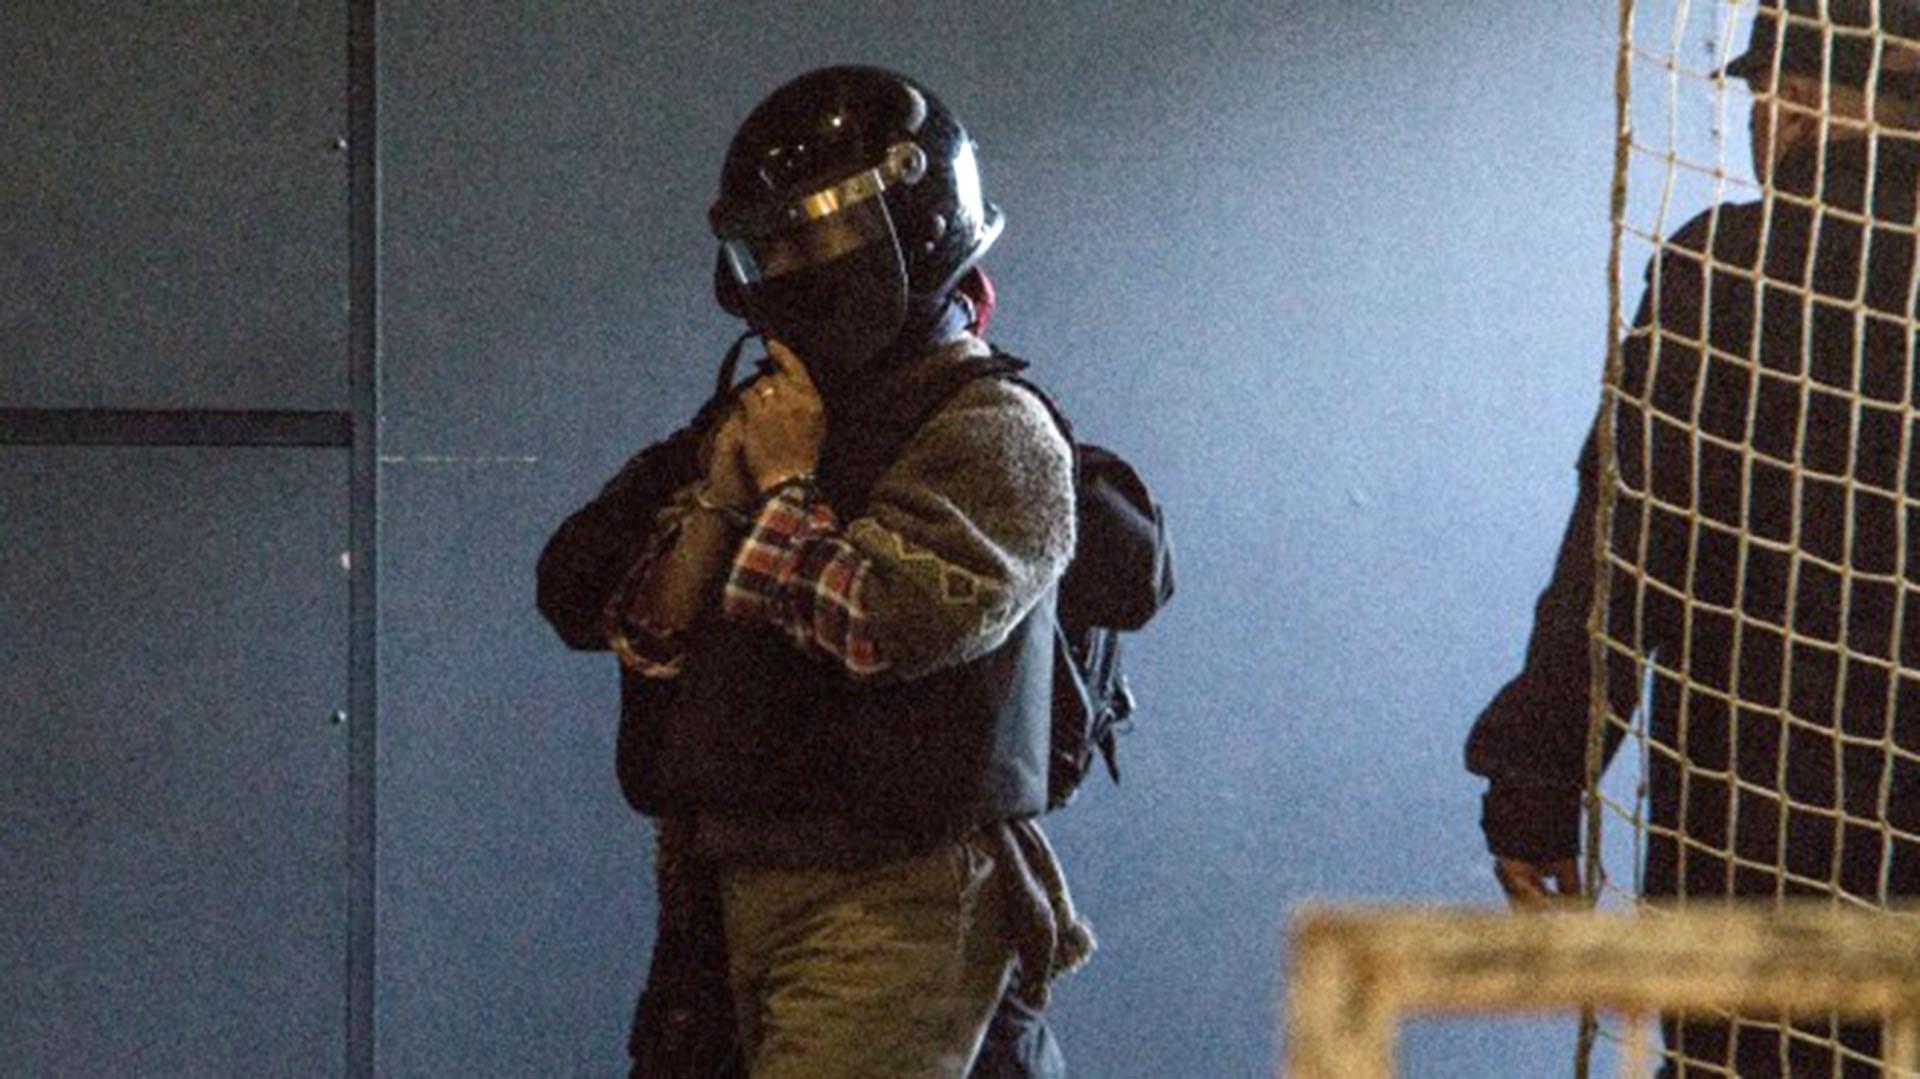 Con casco y chaleco antibalas. Así trasladaron a Jones Huala (Gentileza rionegro.com.ar)